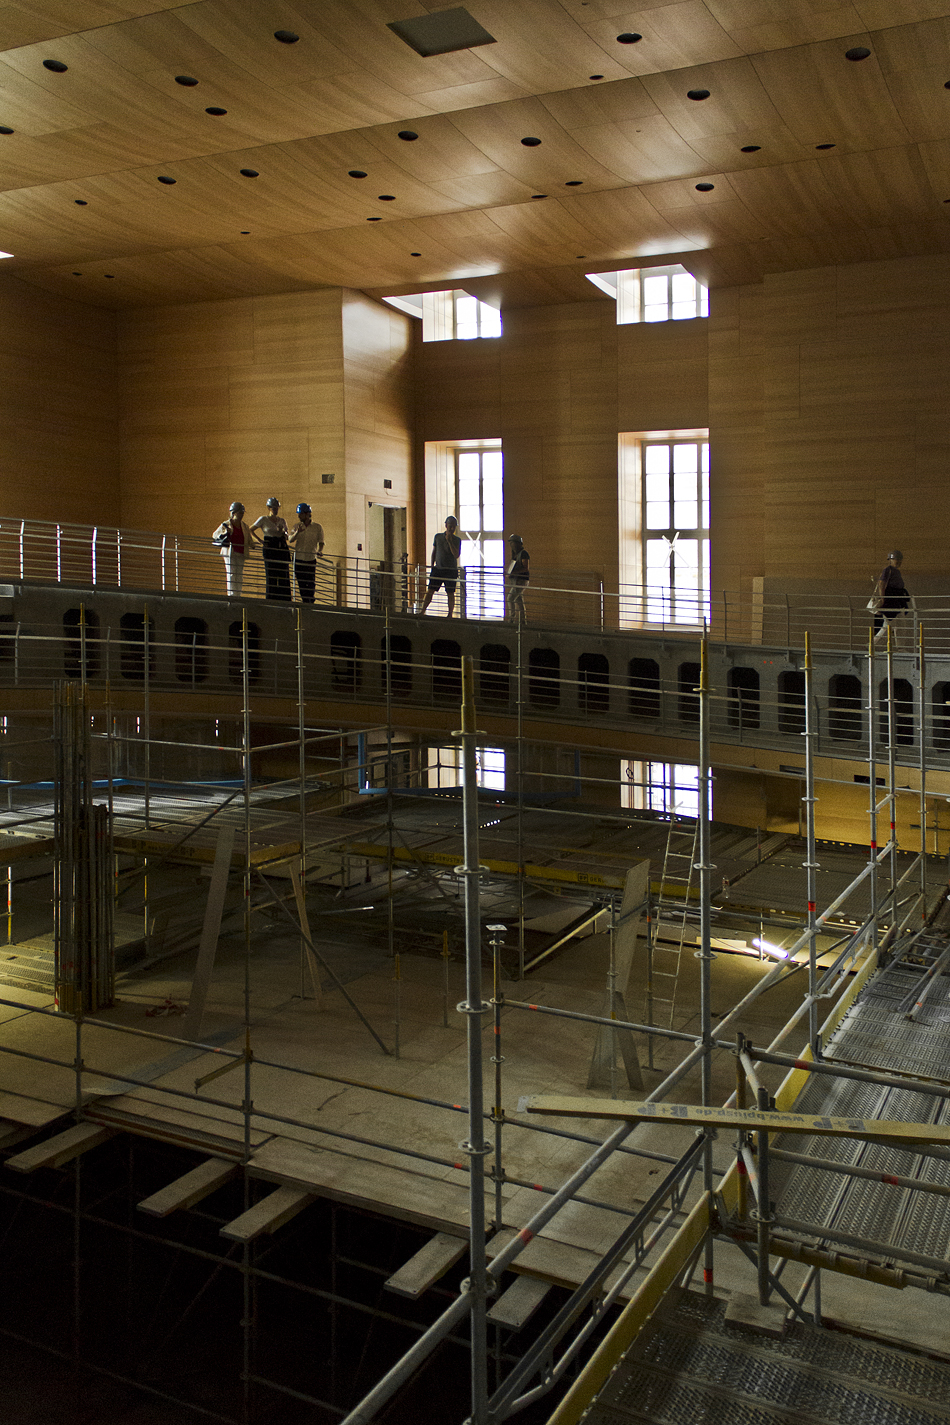 Berlin, Baustelle Barenboim-Said Akademie, Frank Gehry, Pierre-Boulez-Konzertsaal